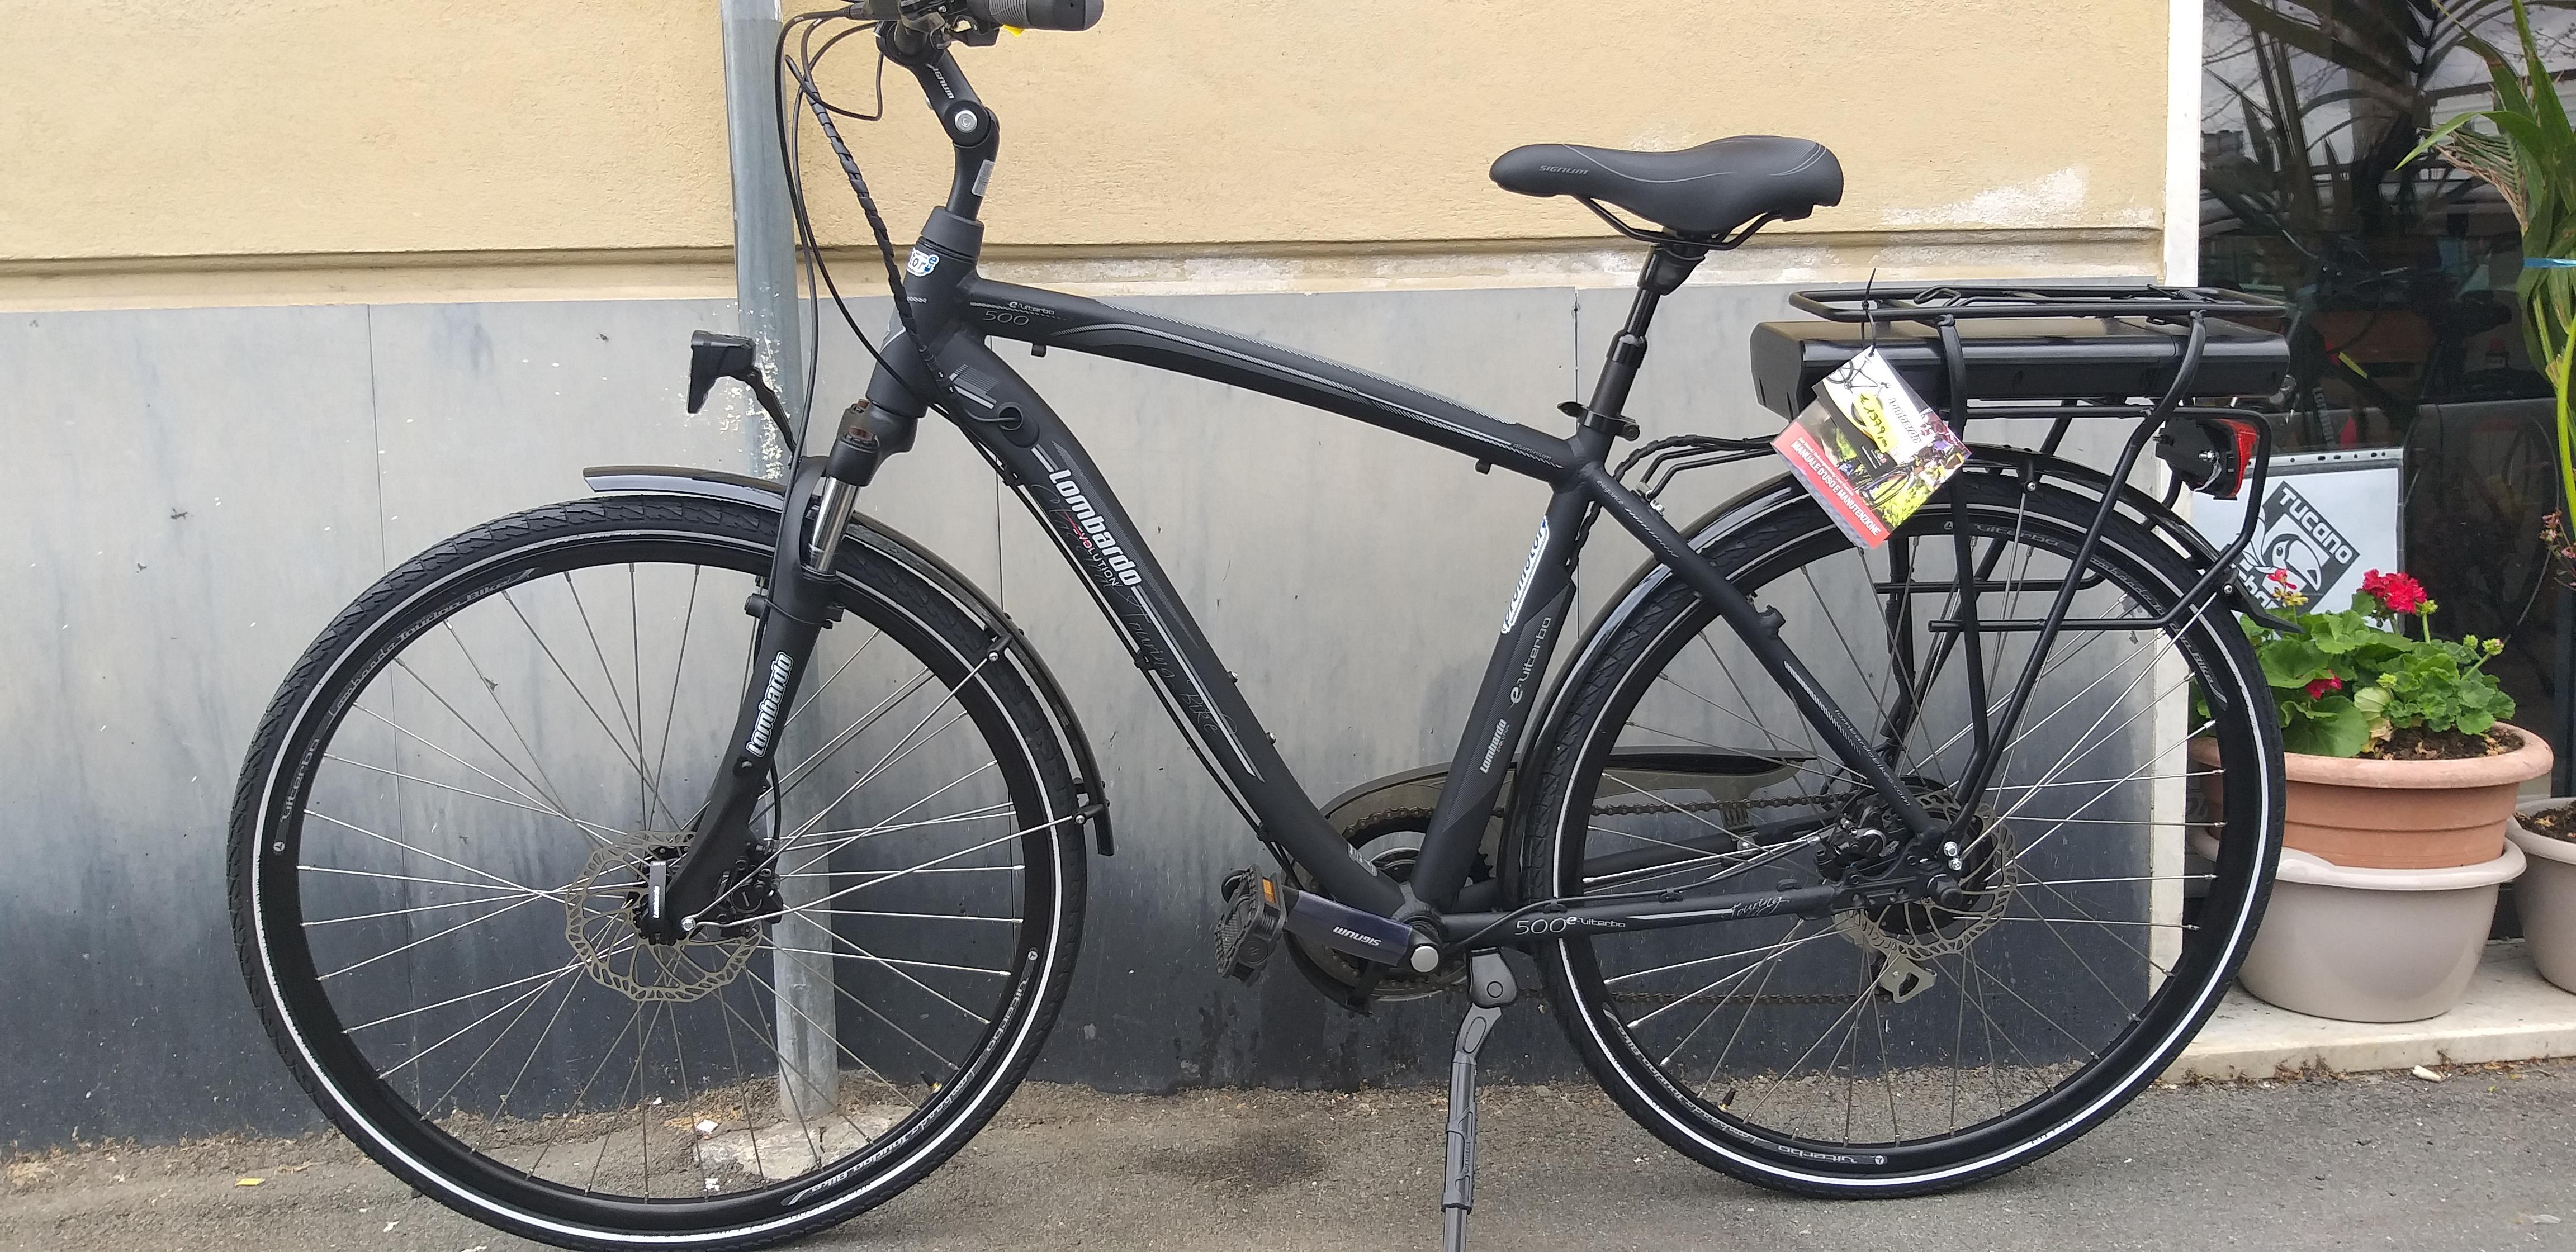 Lombardo E Viterbo Uomo Biciclette Elettriche Annunci Di Vendita